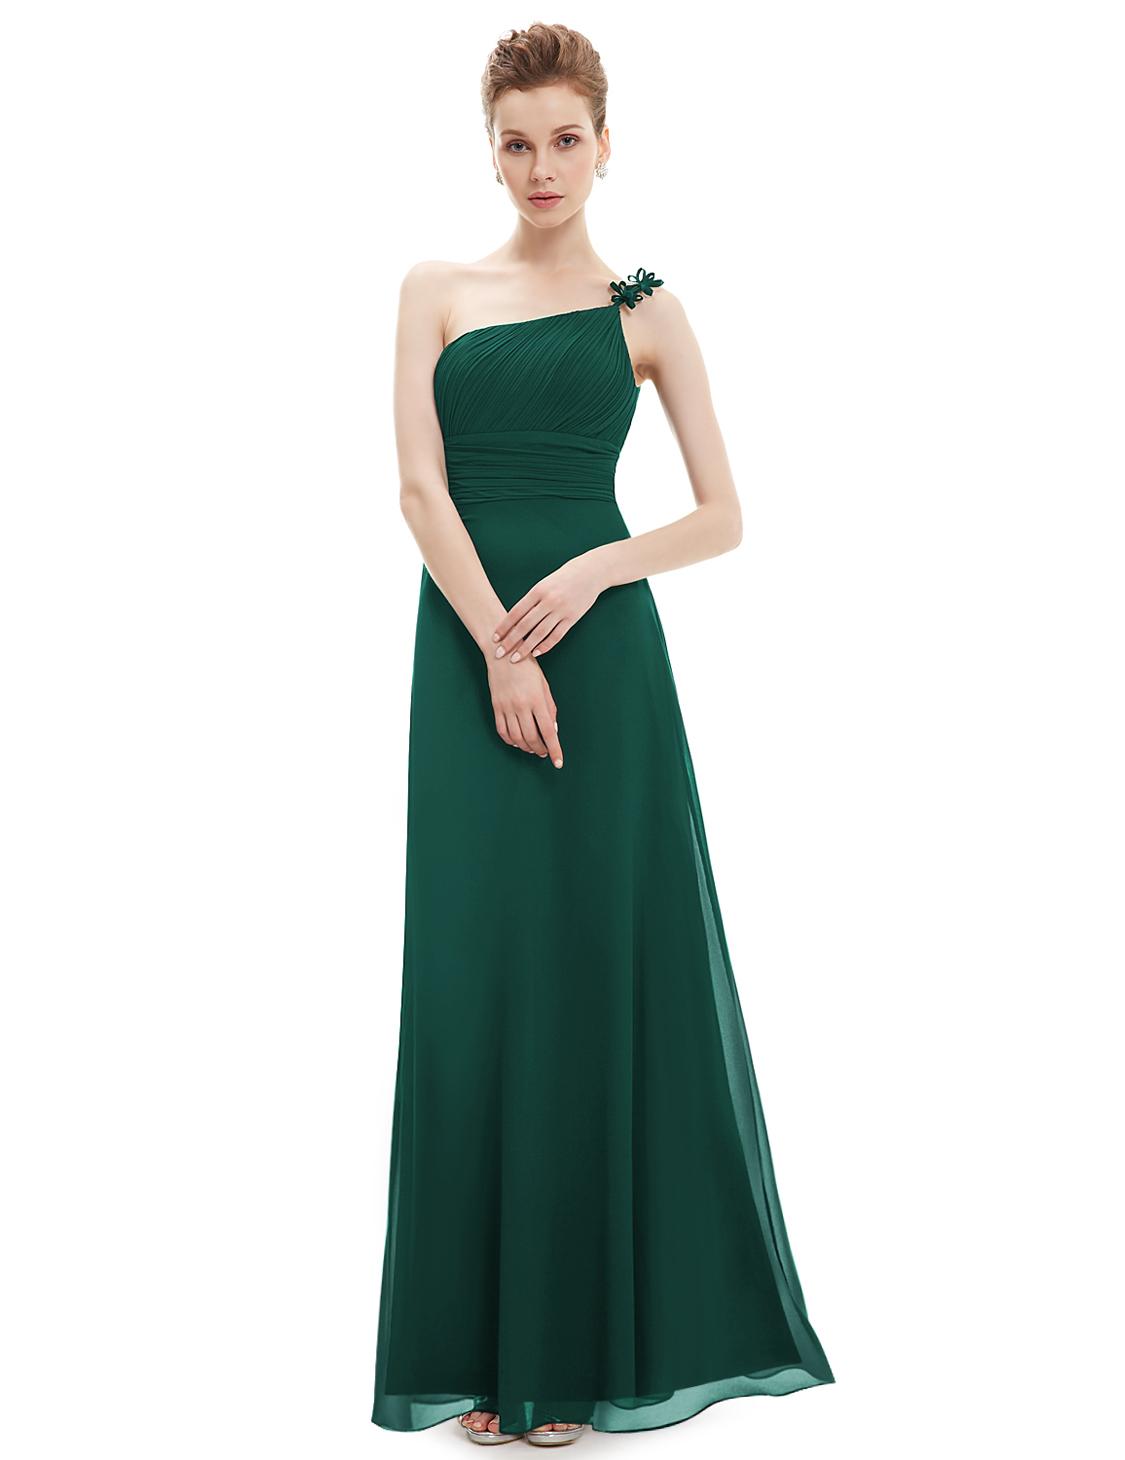 13a4c2e7361 Plesové dlouhé šaty na jedno rameno Ever Pretty zelená